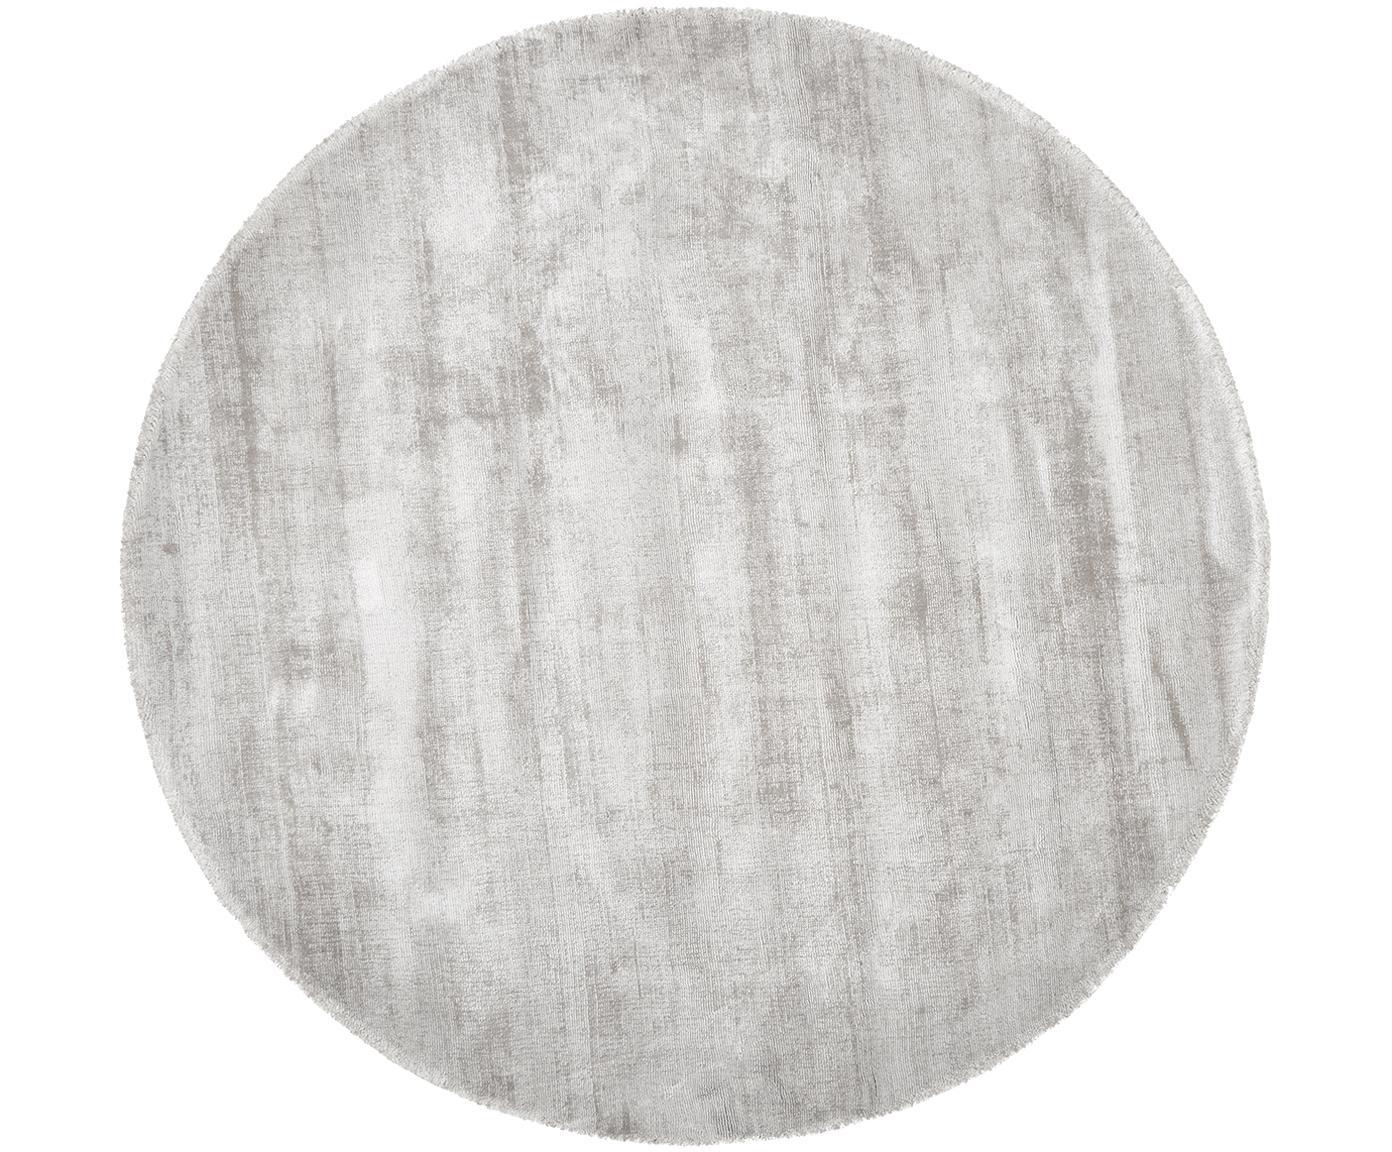 Handgeweven viscose vloerkleed Jane, Bovenzijde: 100% viscose, Onderzijde: 100% katoen, Lichtgrijs-beige, Ø 120 cm